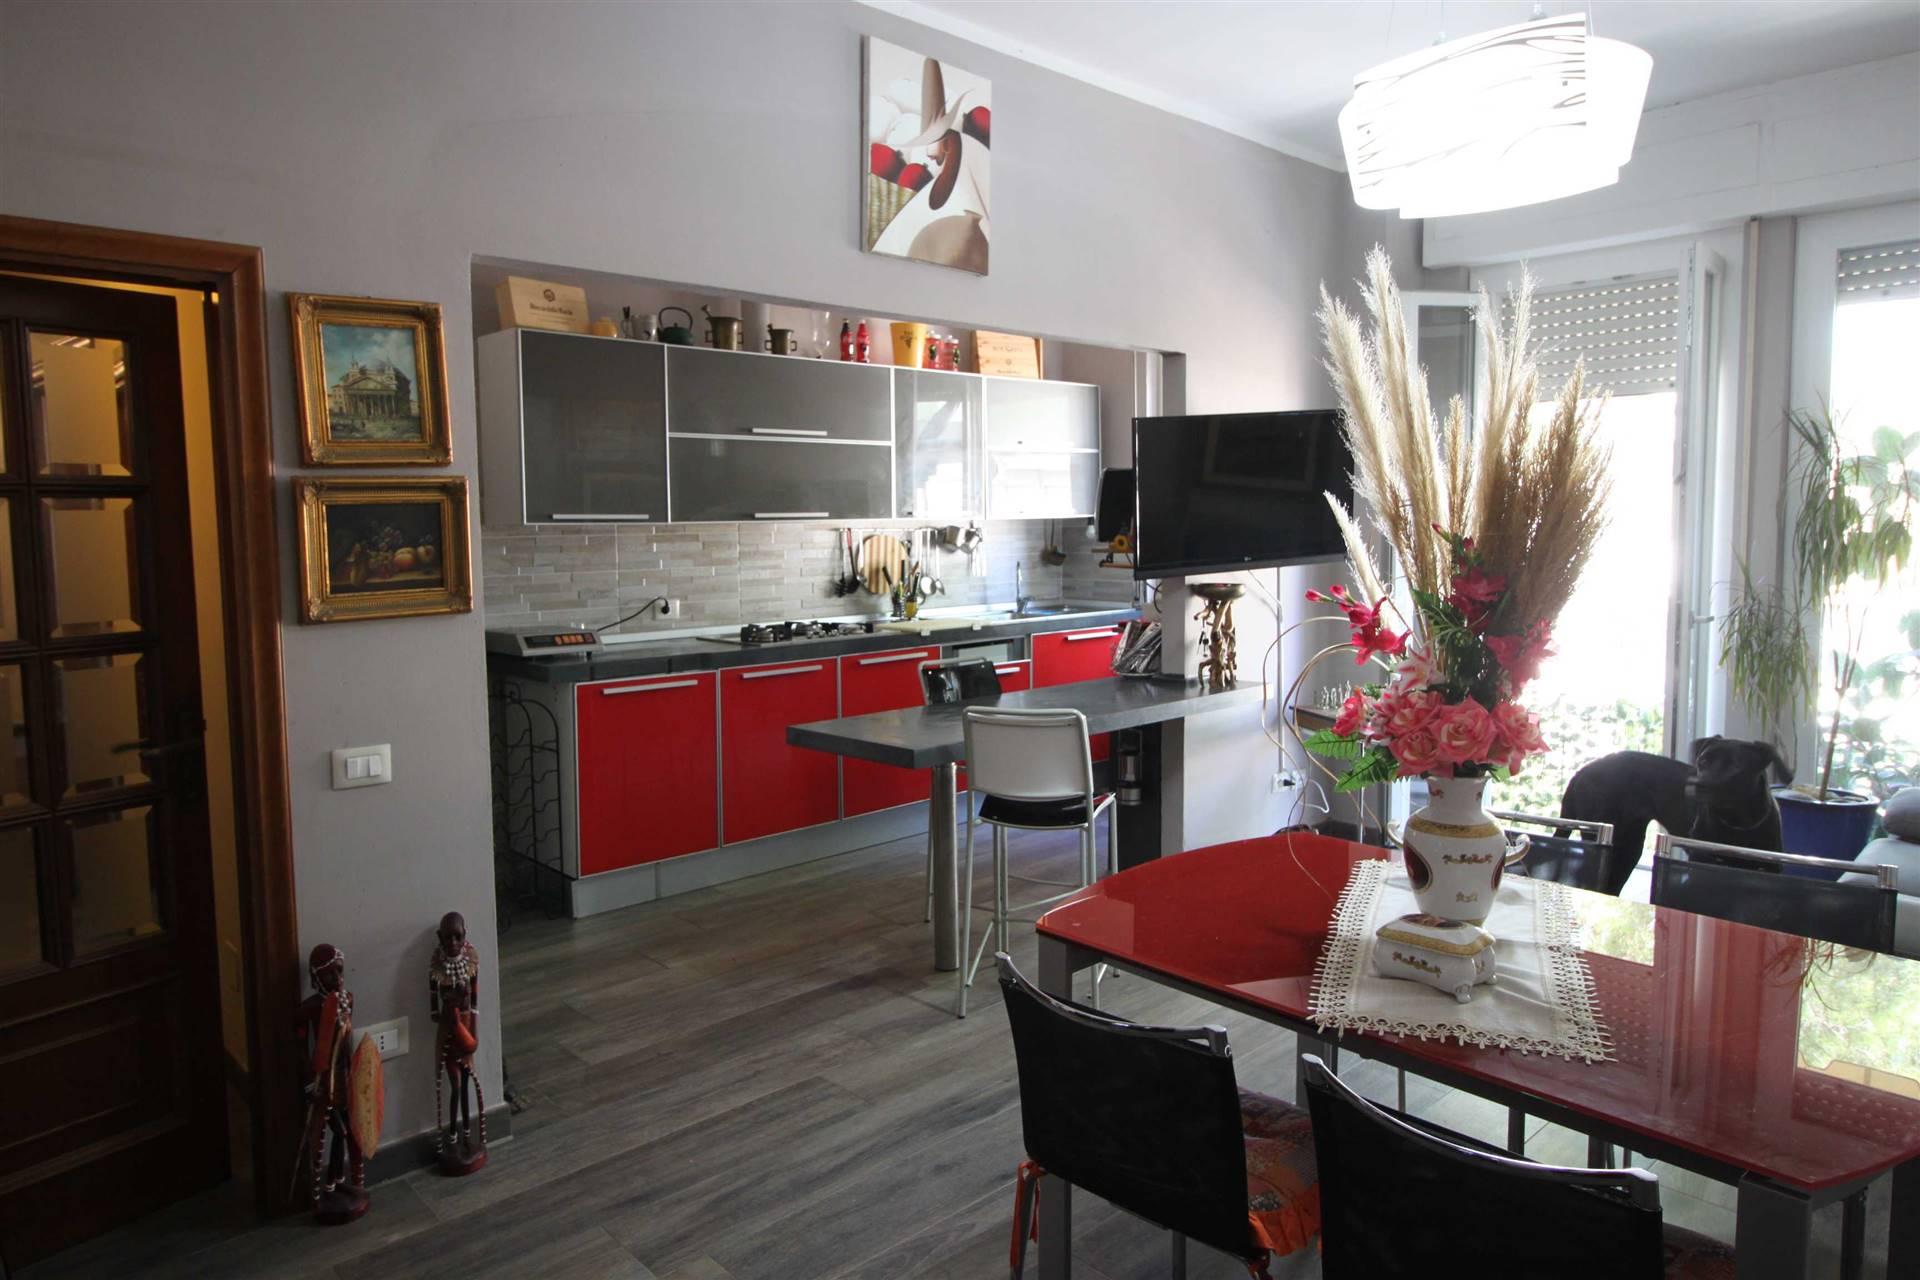 Zona EUROPA - Via Monte Rosa 46 Appartamento di discreta metratura al piano primo ed ultimo s.a. composto di ingresso nell'ampio soggiorno con cucina a vista con la sua finestra, terrazza, disimpegno